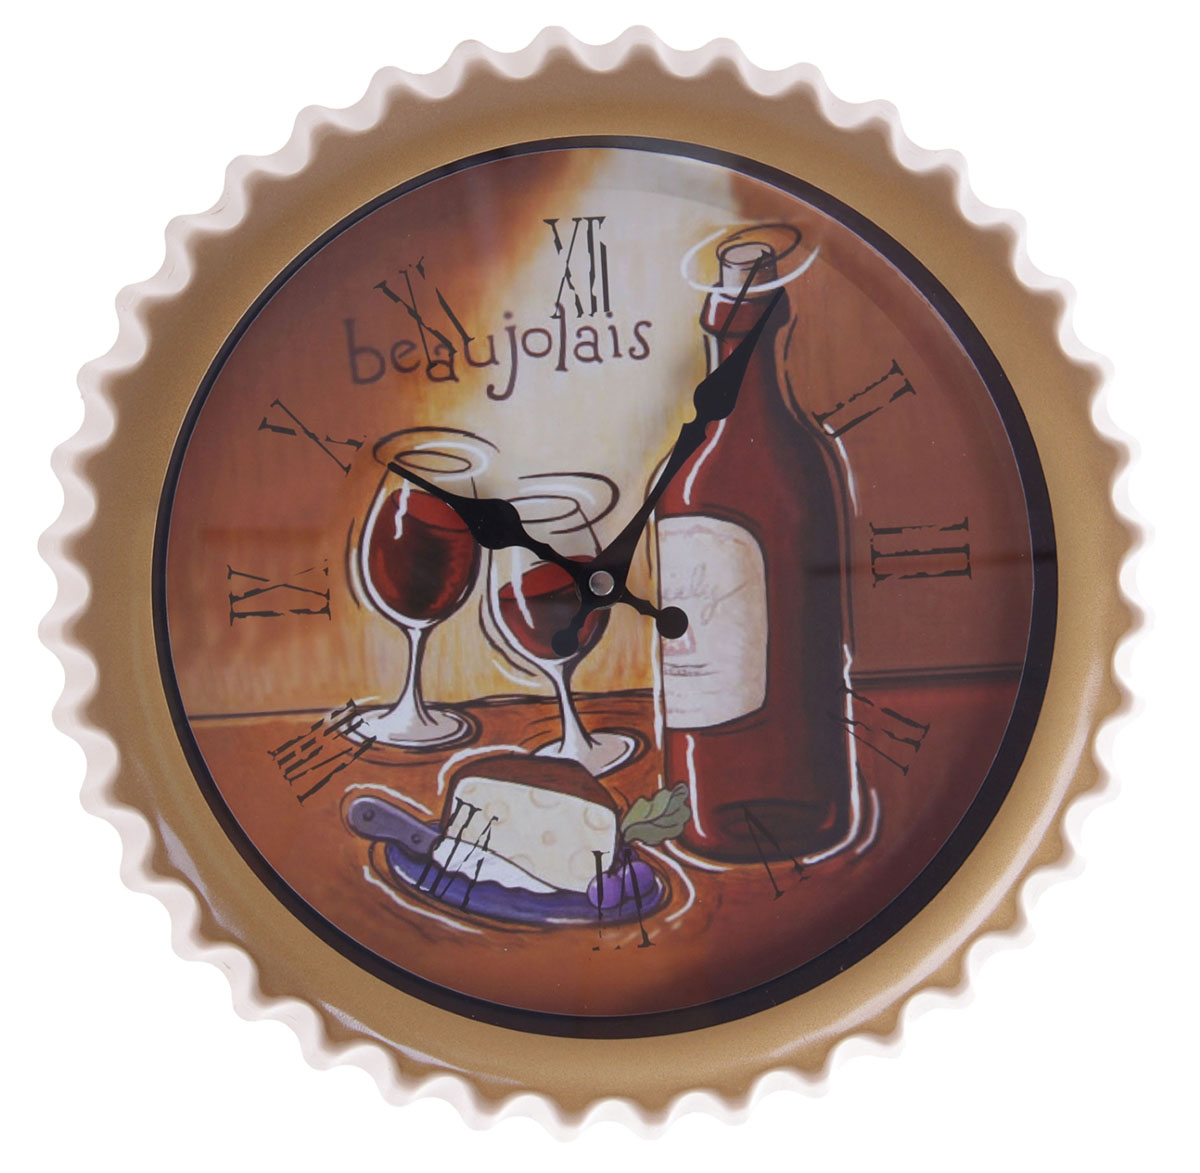 Часы настенные Beaujolais, диаметр 31 см troyka часы настенные troyka 31 см